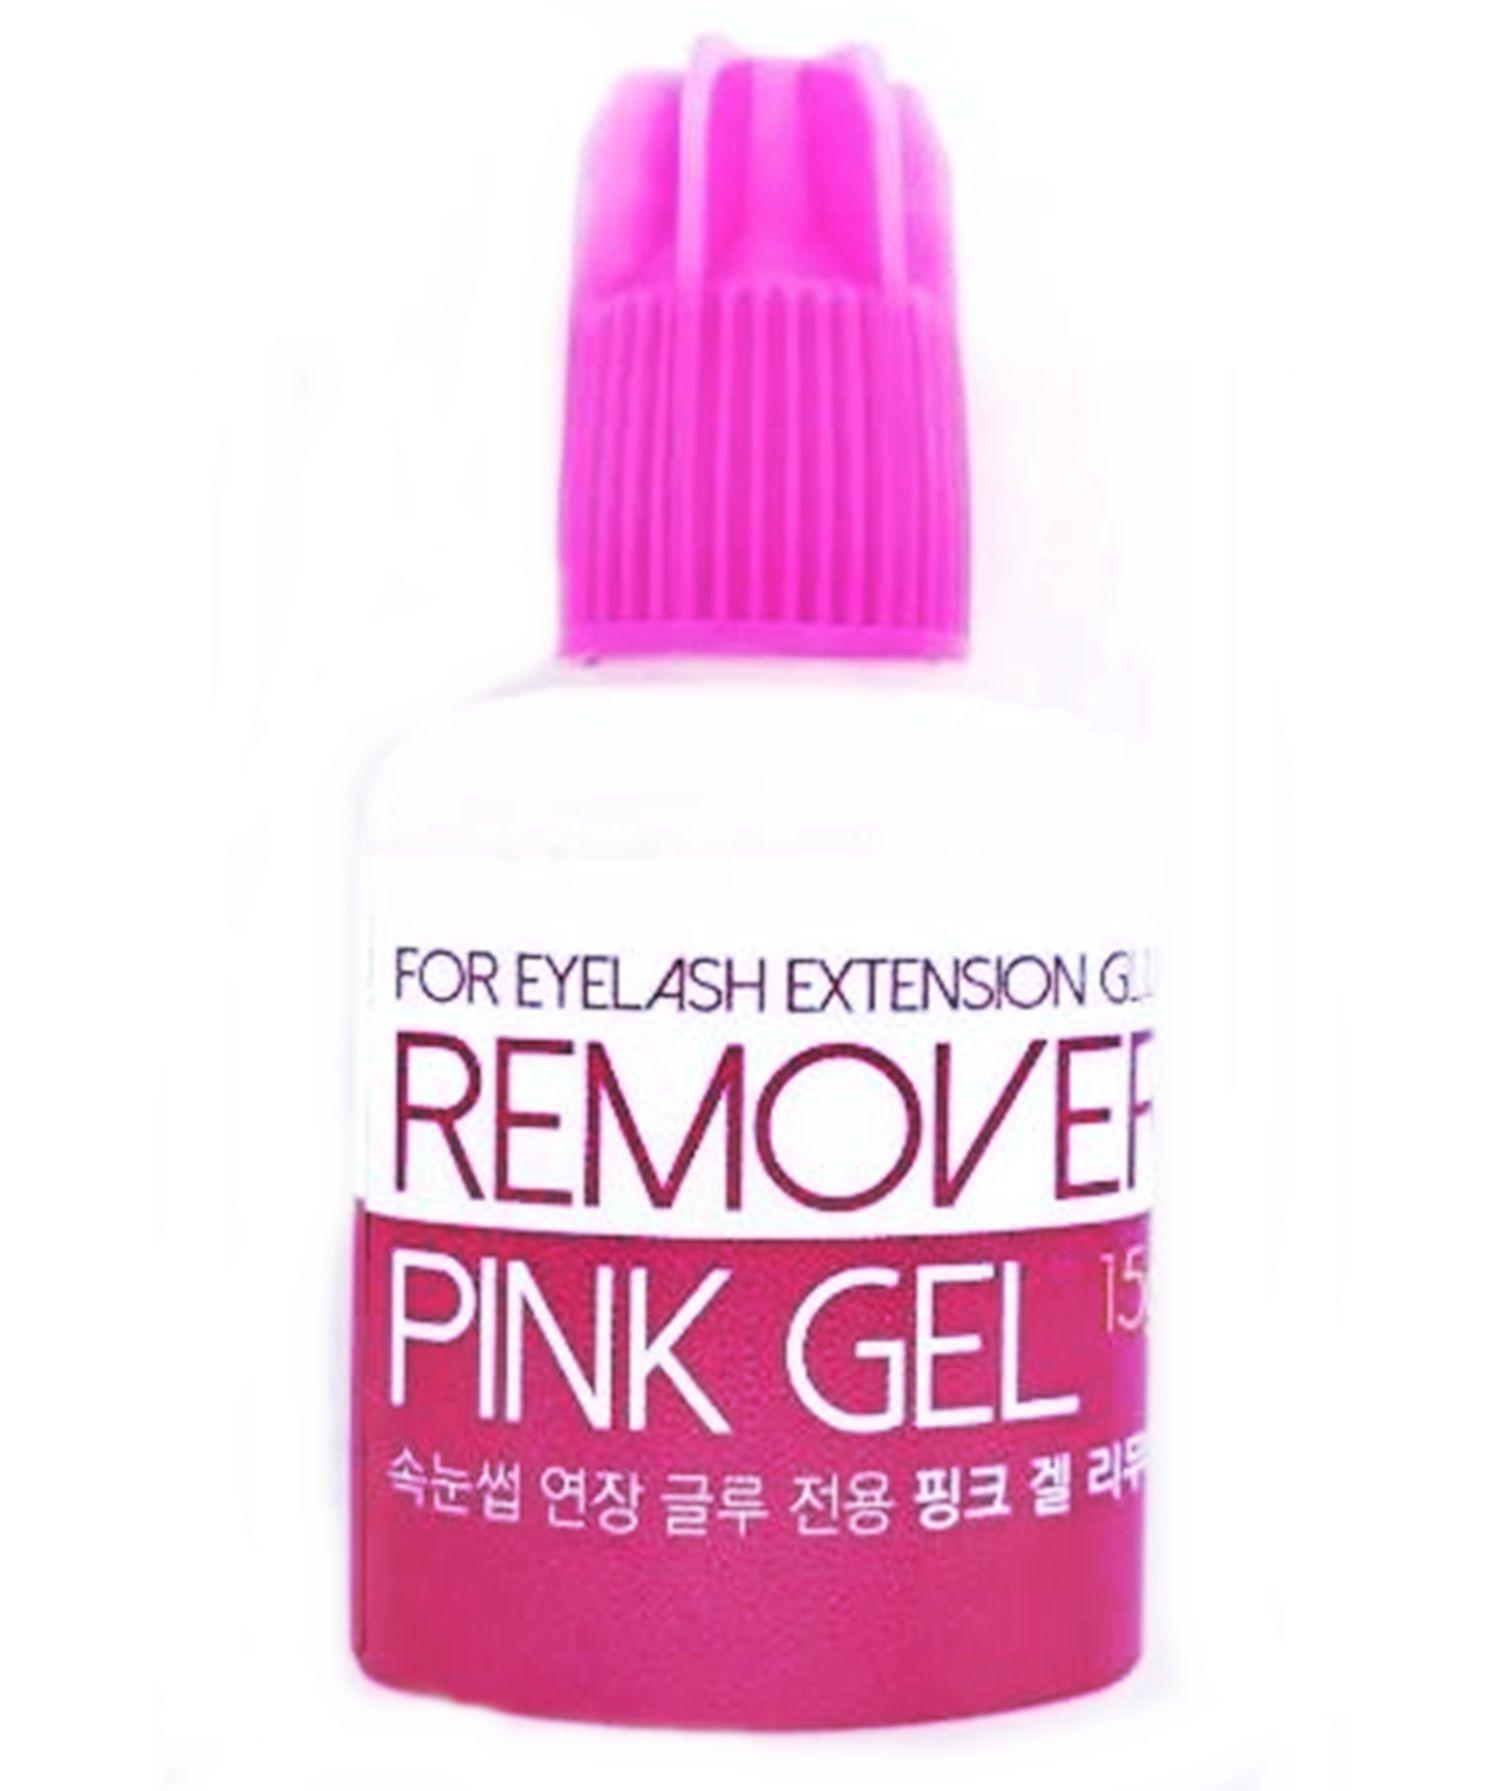 Removedor em Gel de Cola para Extensão de Cílios Pink Gel - 15g